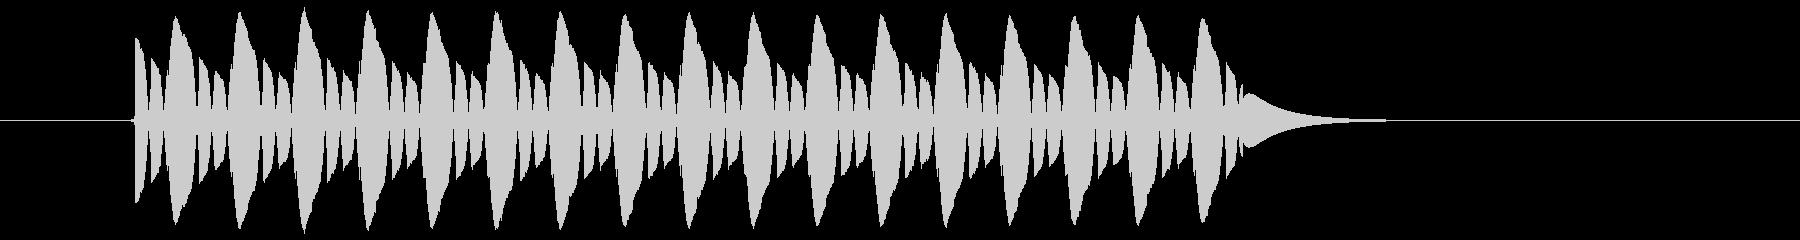 【効果音】クイズ系_はずれ02の未再生の波形